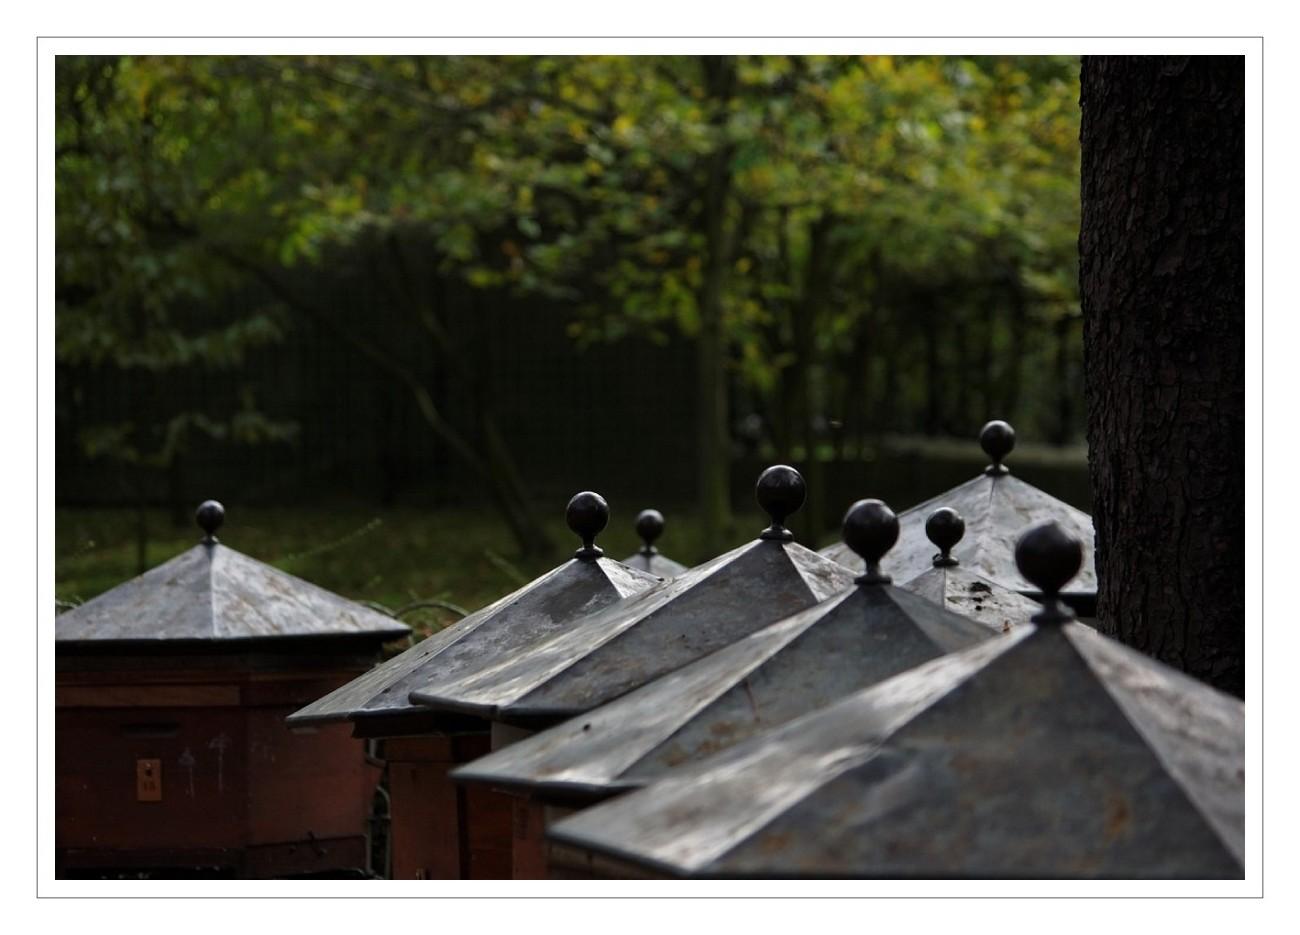 Le rucher du jardin du luxembourg la tribu d 39 anaximandre des photos au fil des jours de - Comment aller au jardin du luxembourg ...